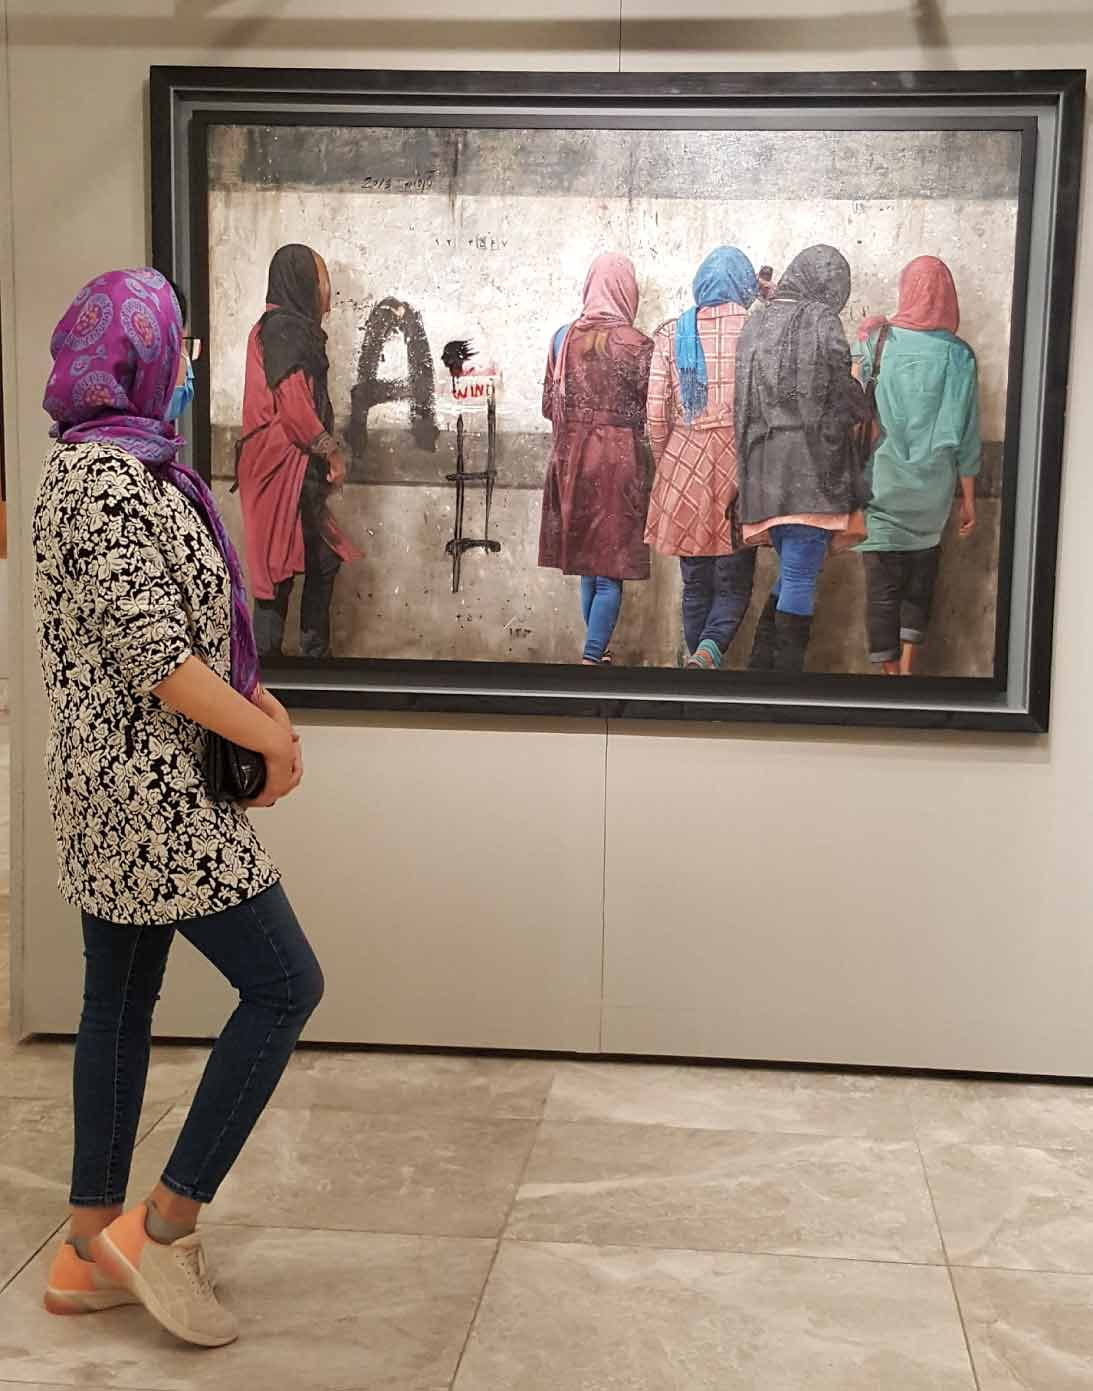 hijab in Iran - Clothing in Persian